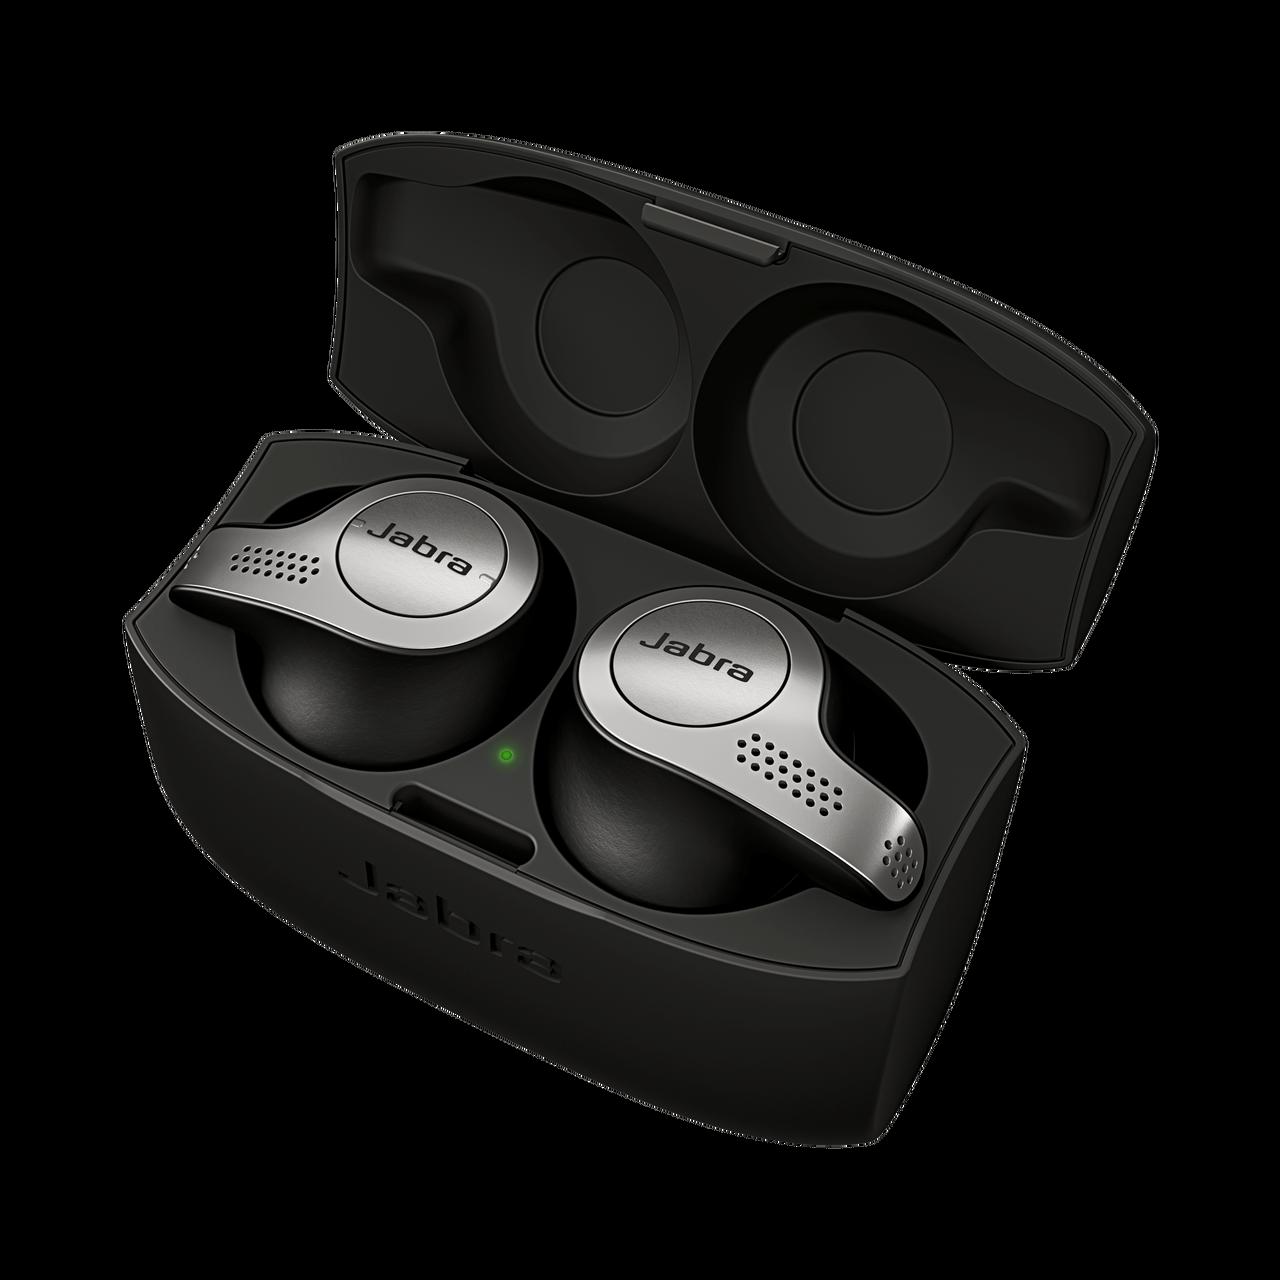 Bluetooth Headset M L Jabra Evolve 65t